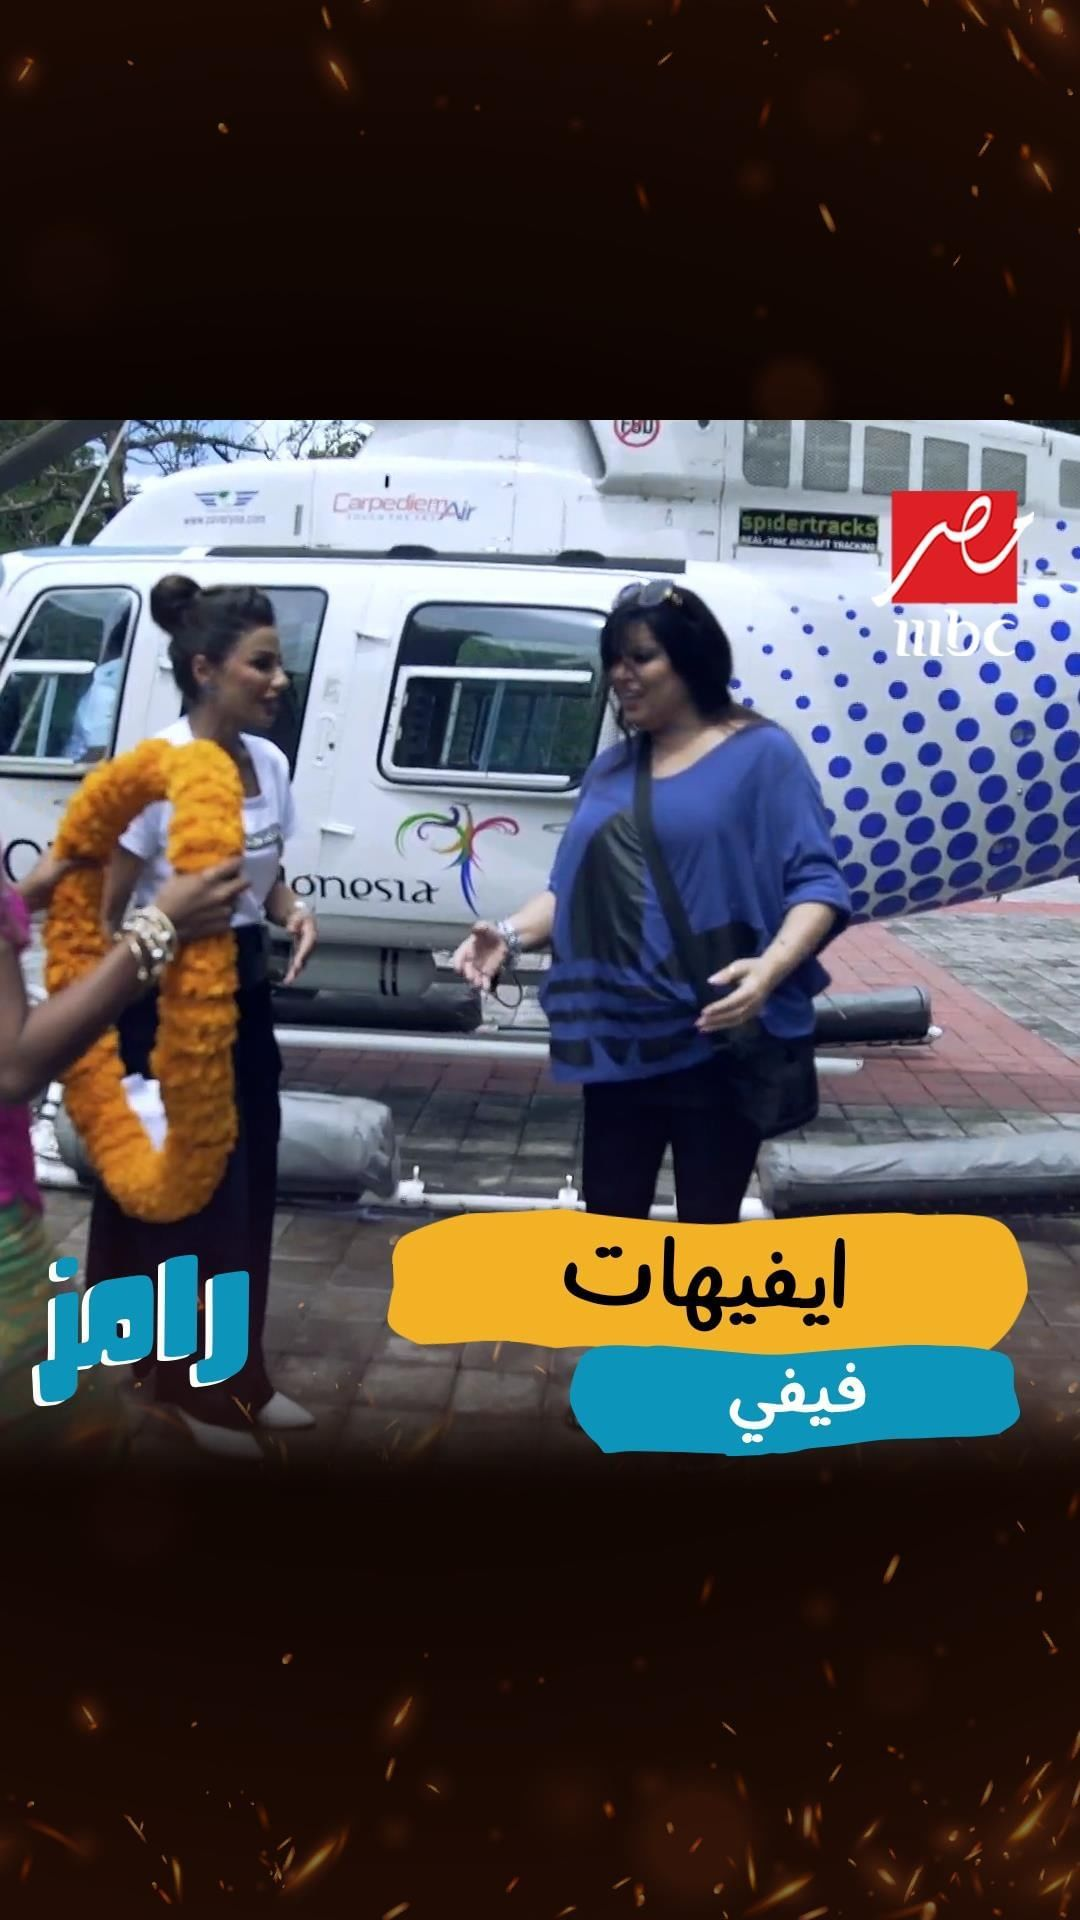 Mbc Masr On Instagram إيفيهات كوميدية بين فيفي عبده ورامز جلال رامز في الشلال Mbcmasr ممكن تتفرج علي